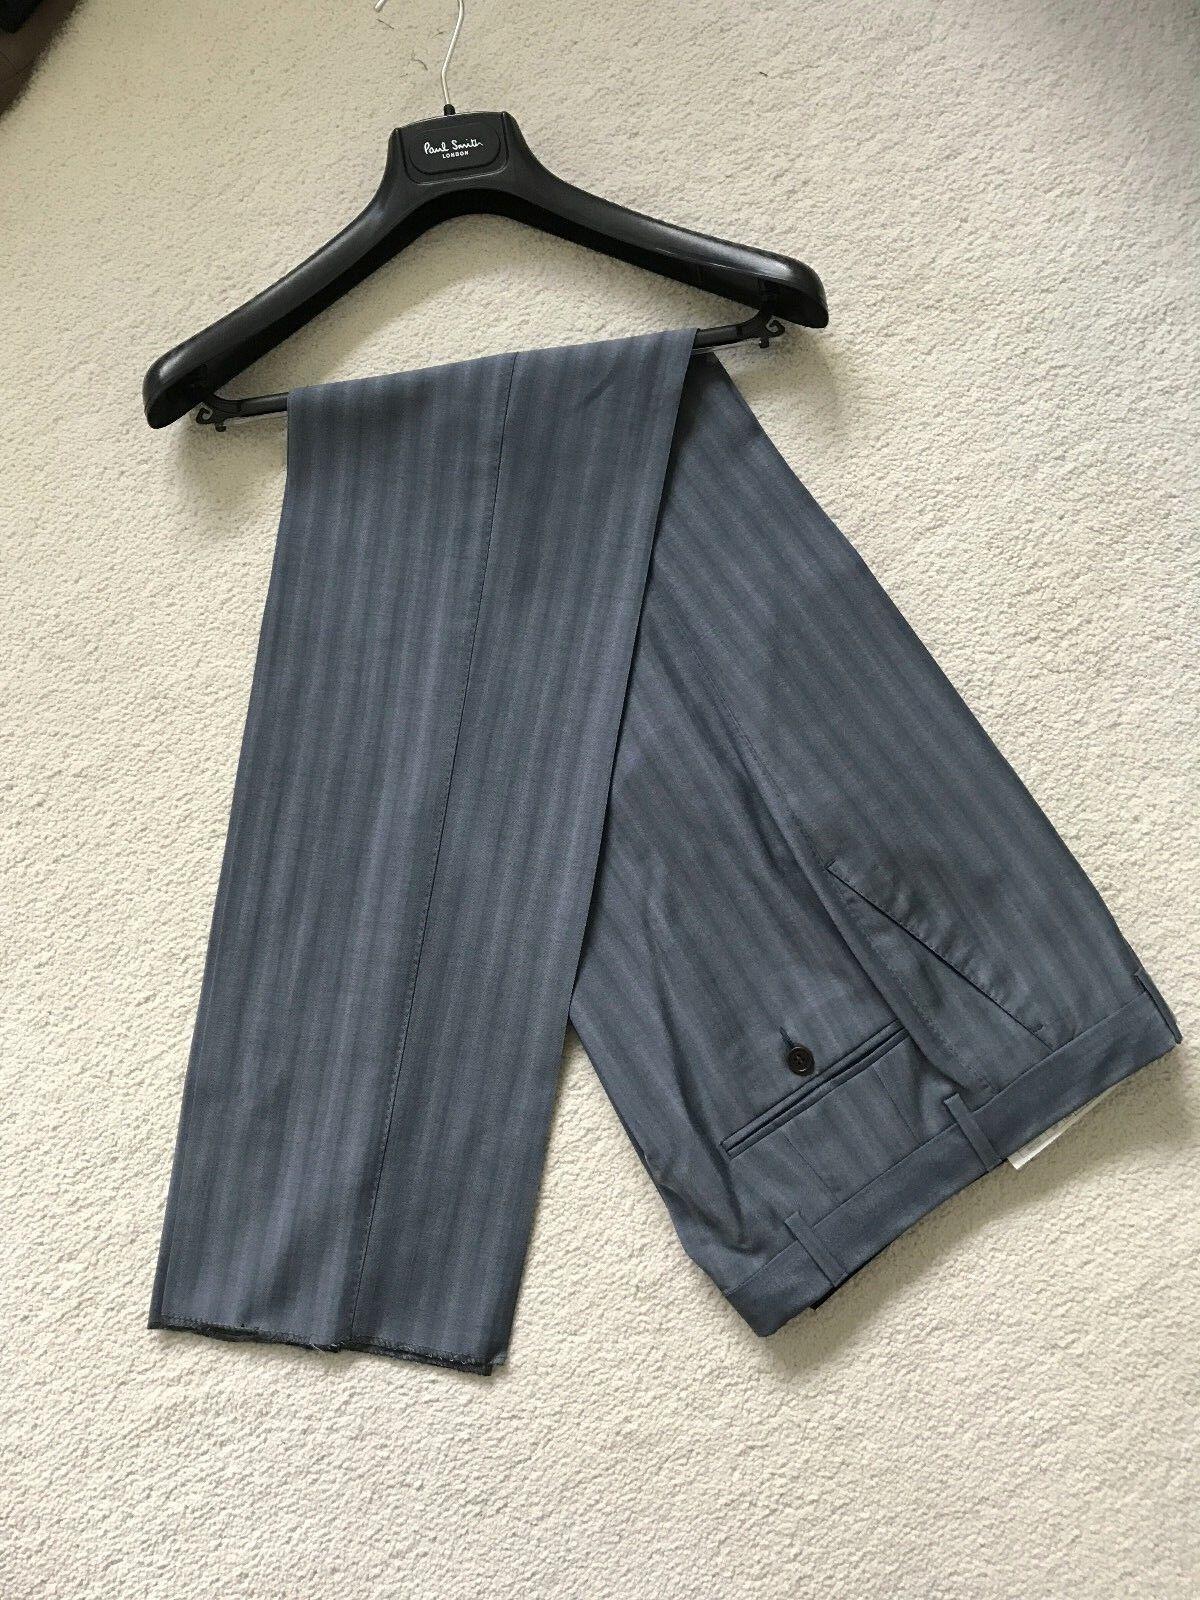 Paul Smith Men bluee Stripe Trousers - 100% Virgin Wool - 30 Waist